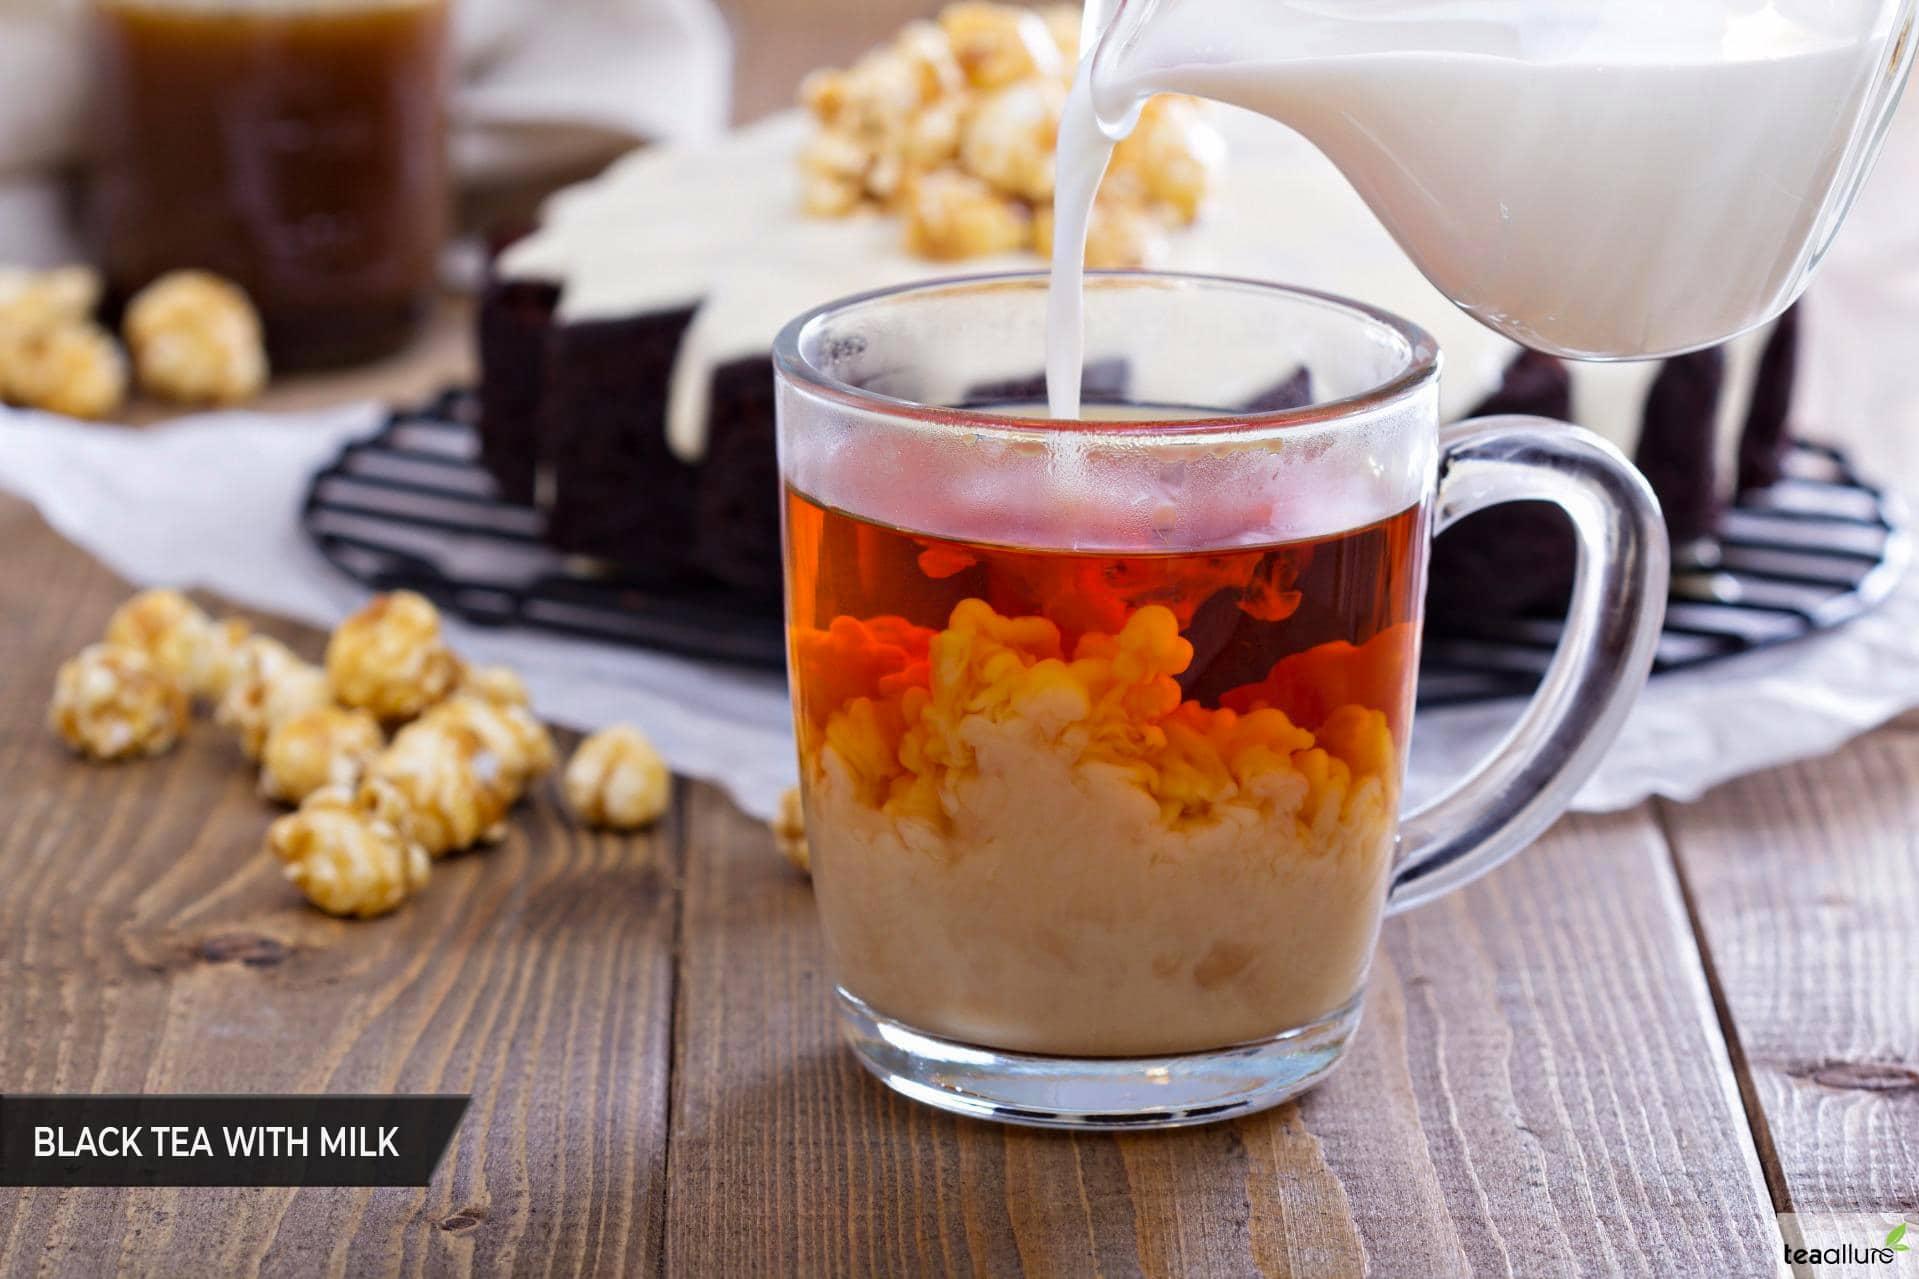 Black tea with milk recipe